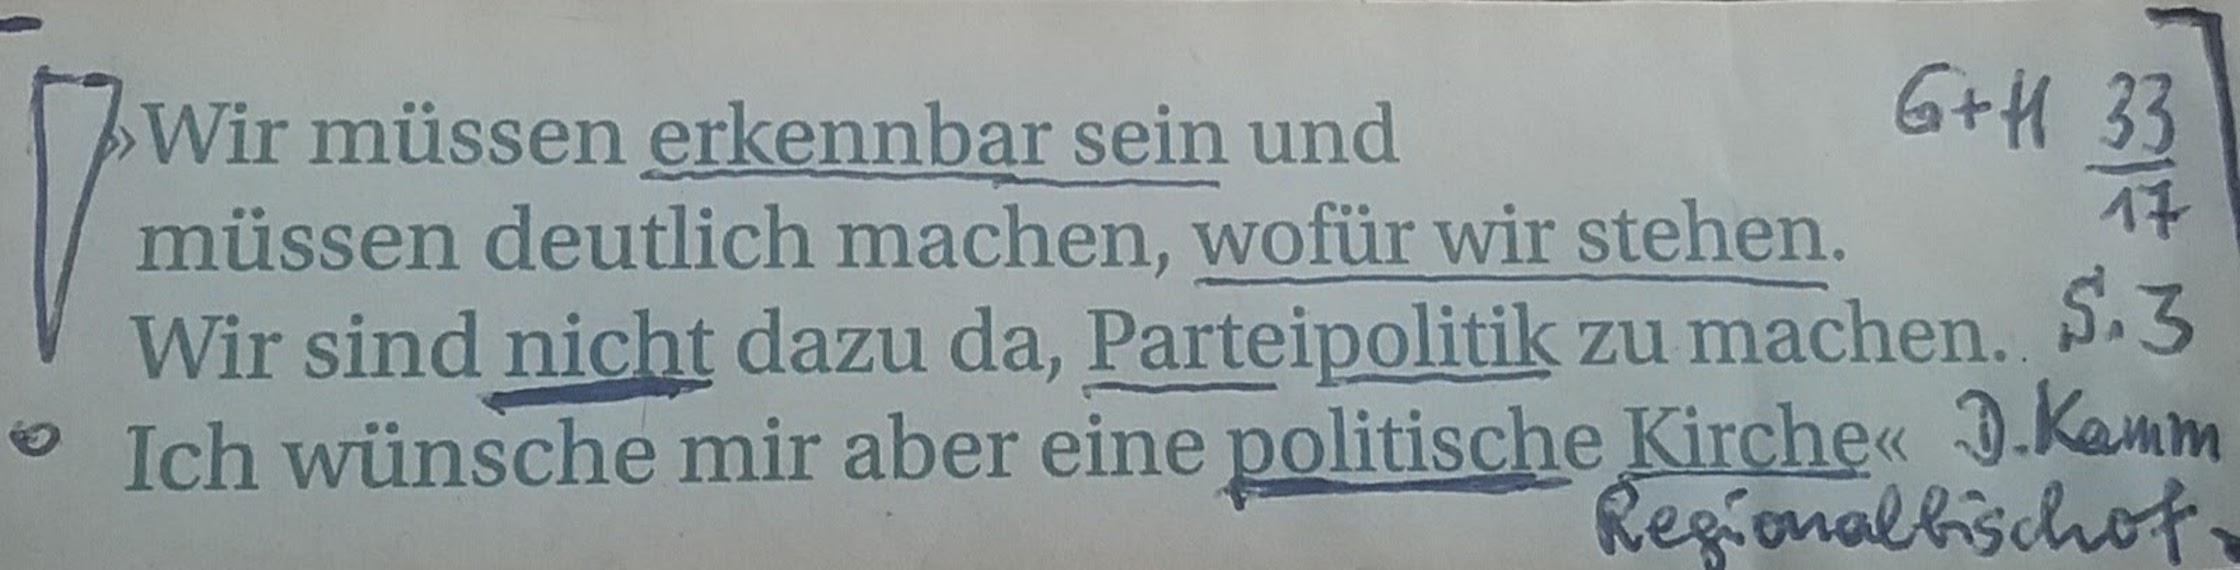 G u H 2017.08.20 Politische Kirche _1_ Blog 2017.08.00